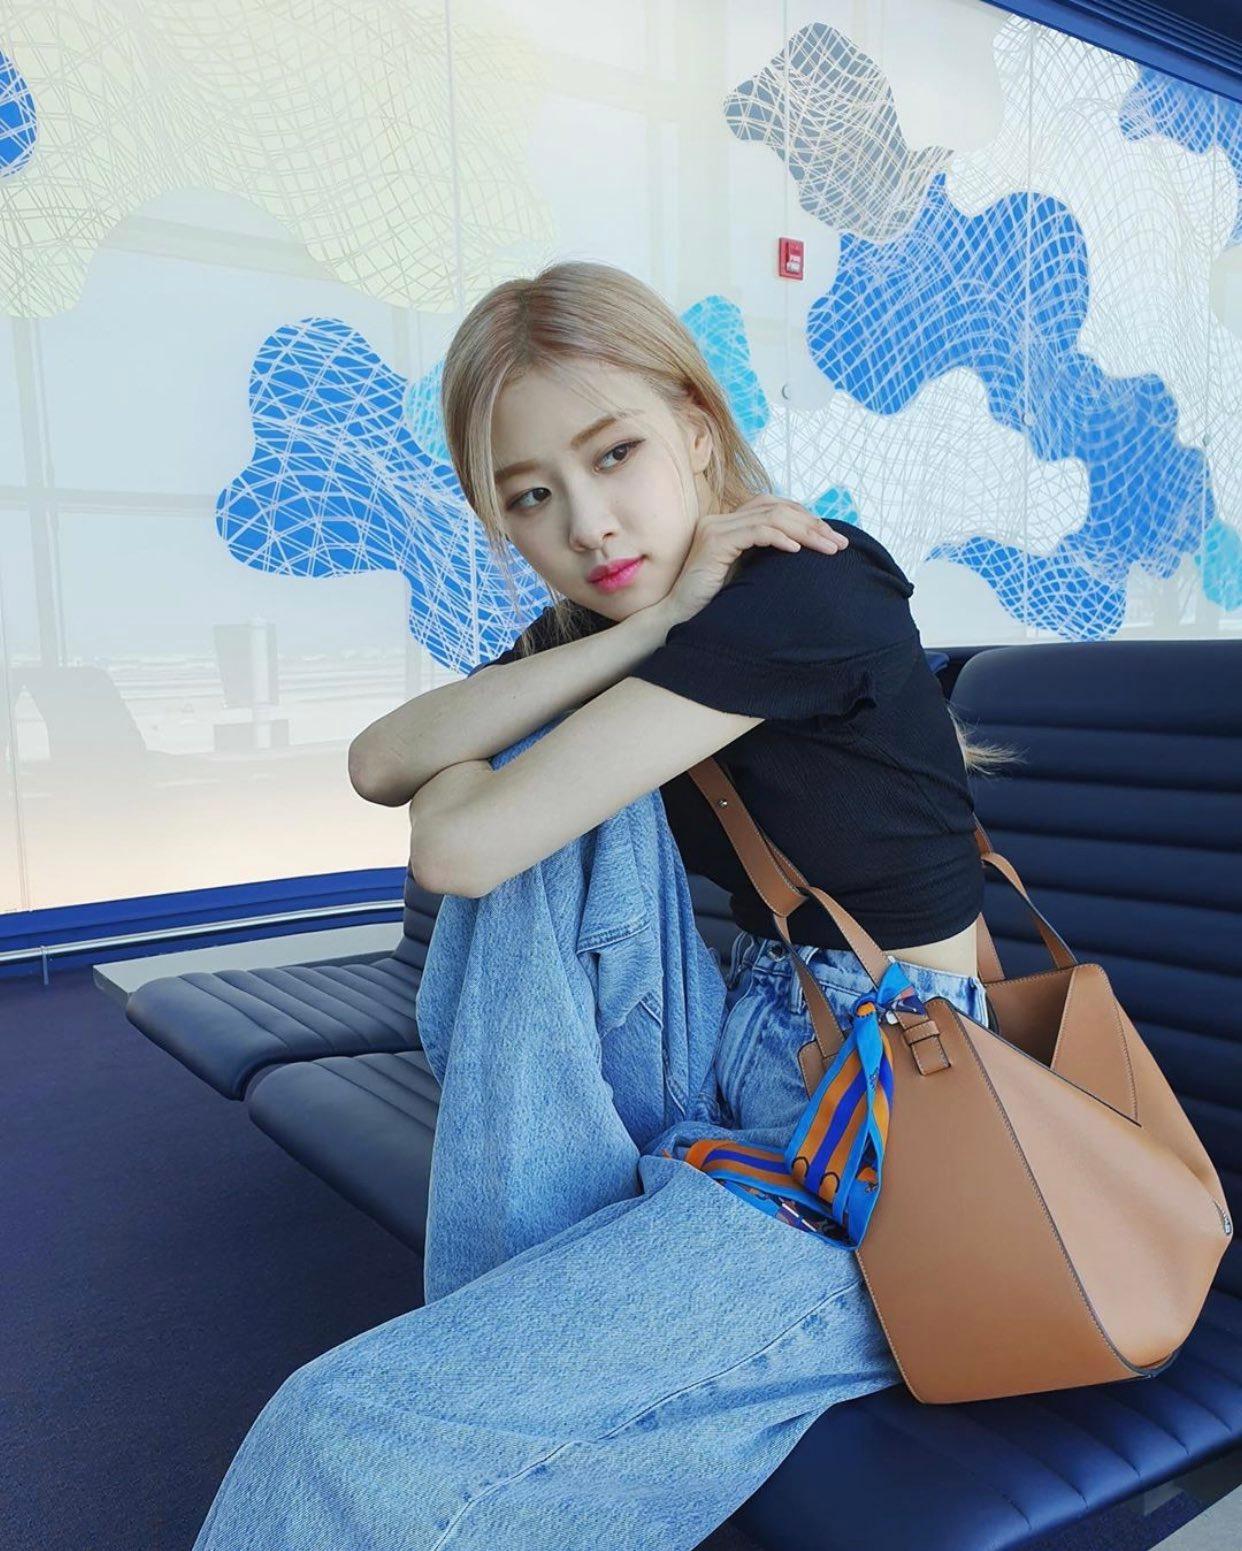 Sao Hàn Rose mặc quần jeans, áo thun đen, đeo túi nâu